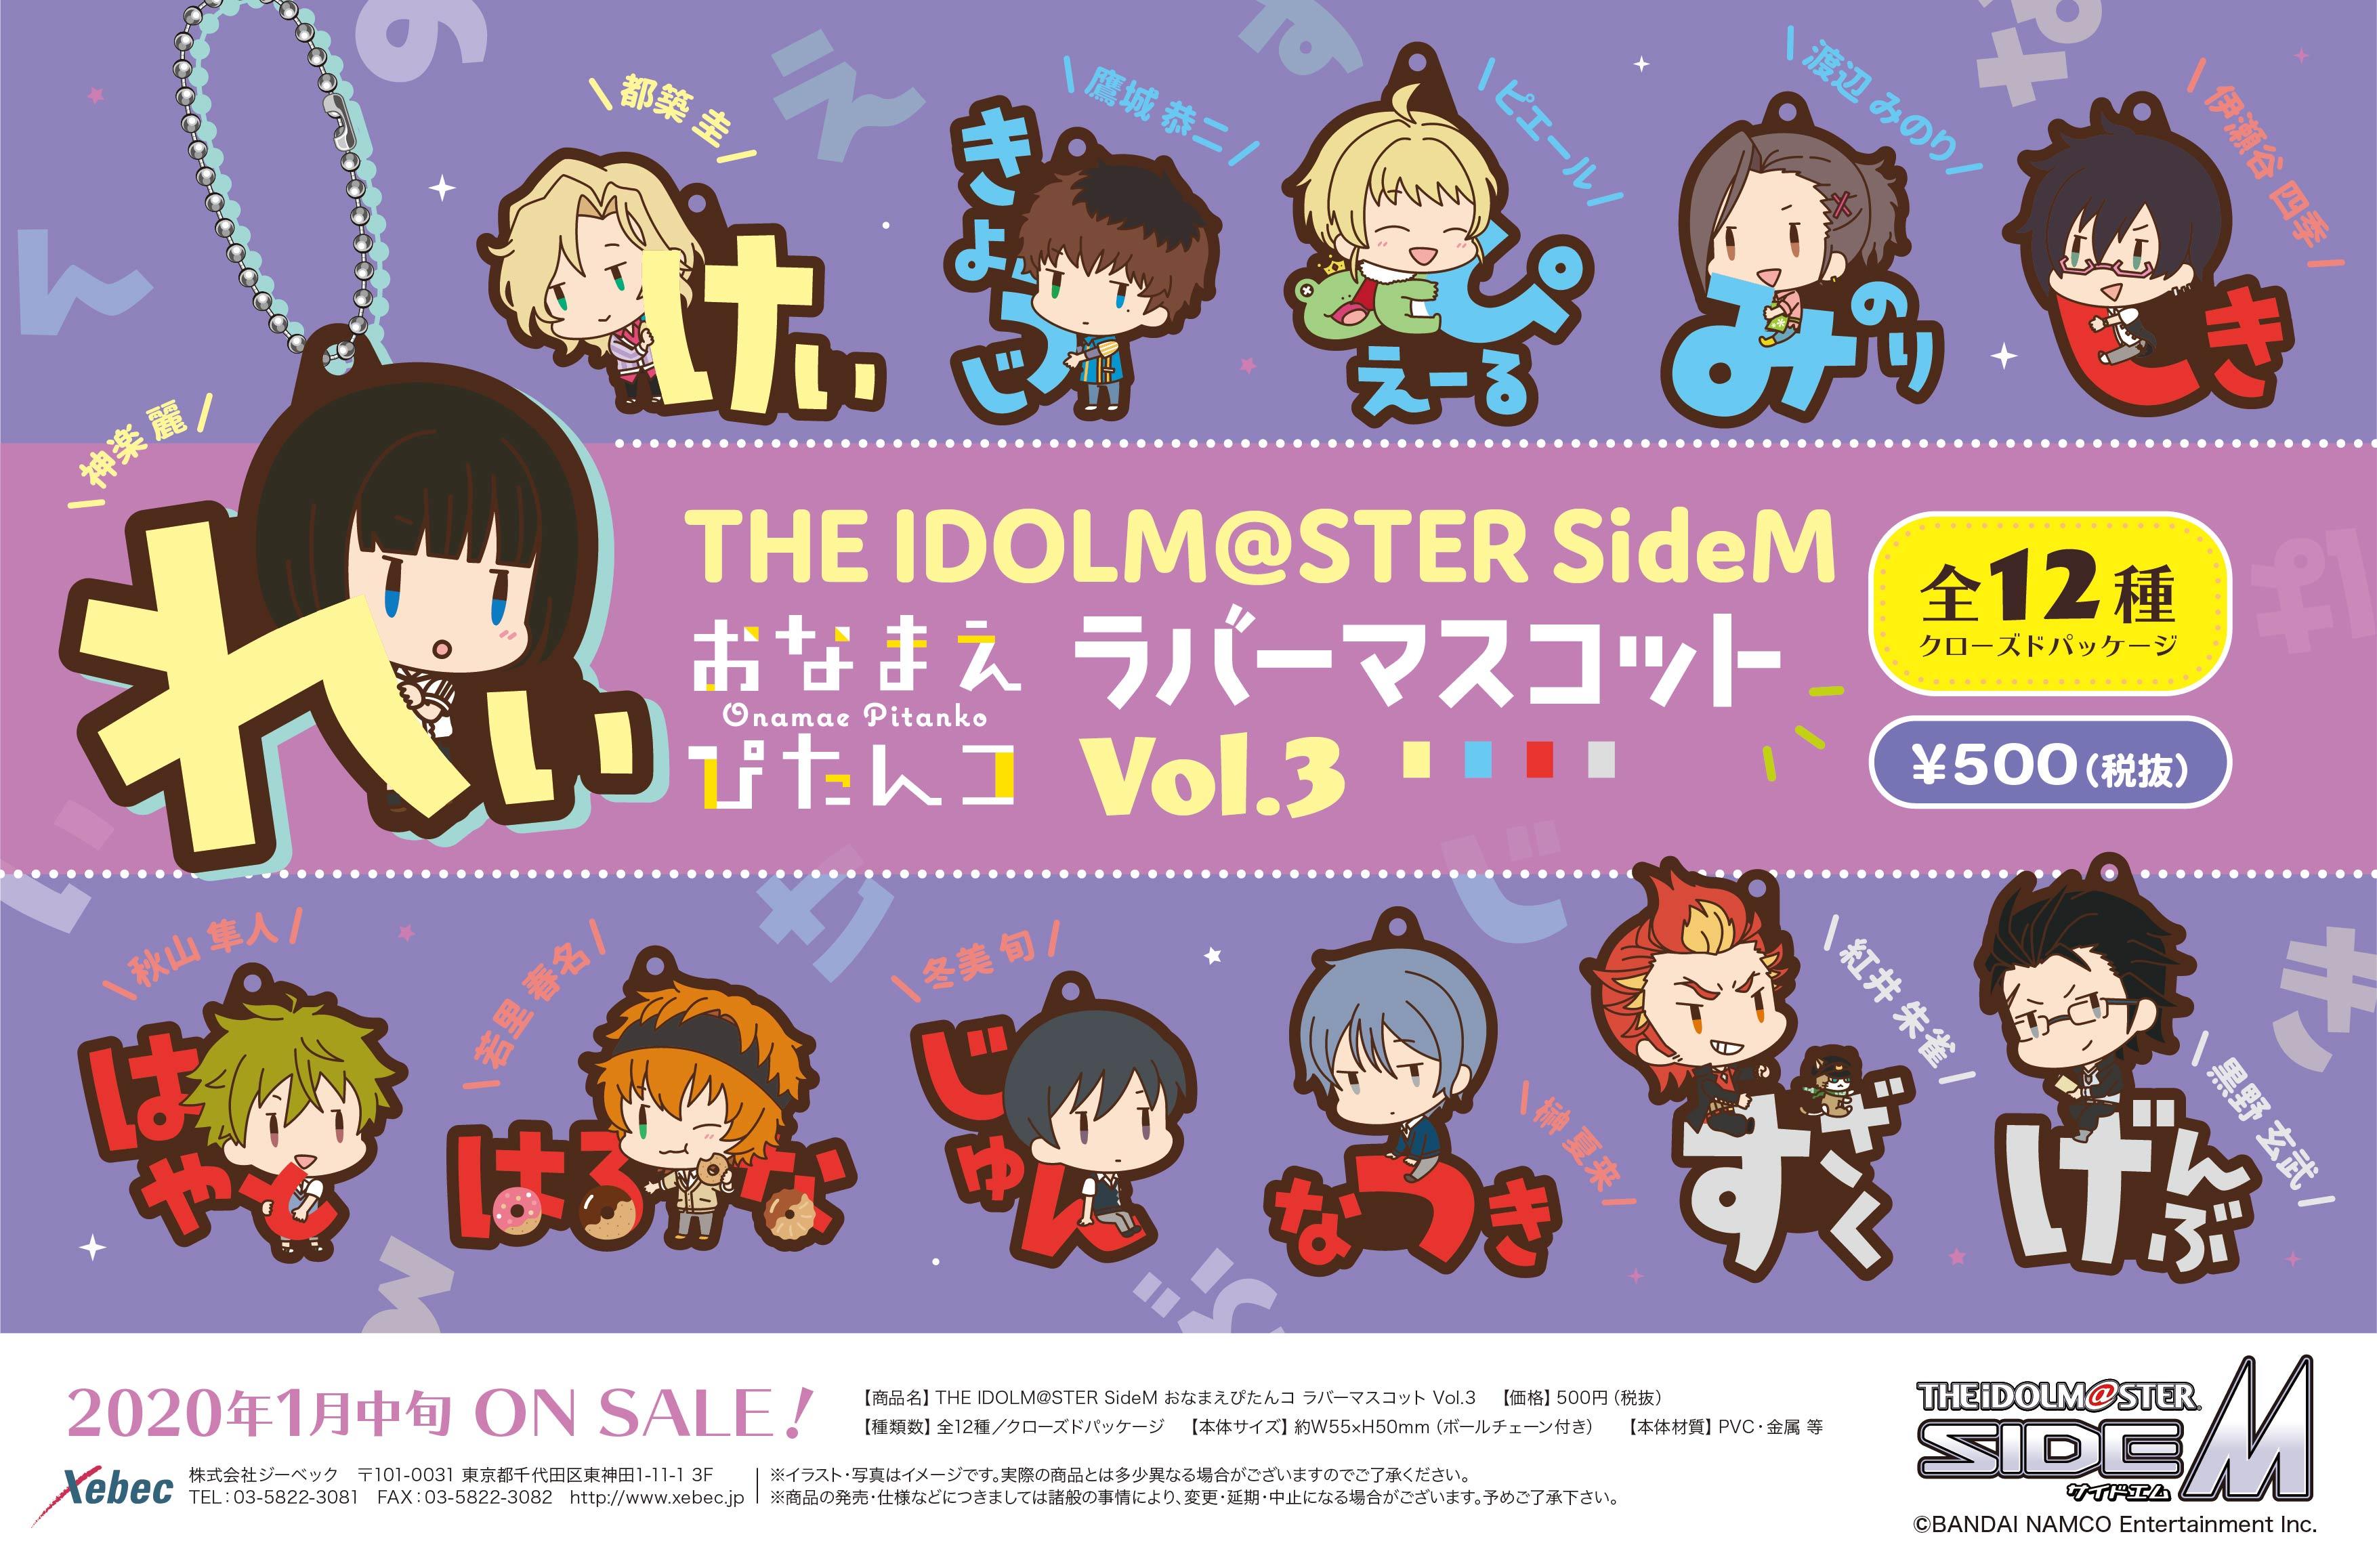 アイドルマスター SideM おなまえぴたんコ ラバーマスコット Vol.3